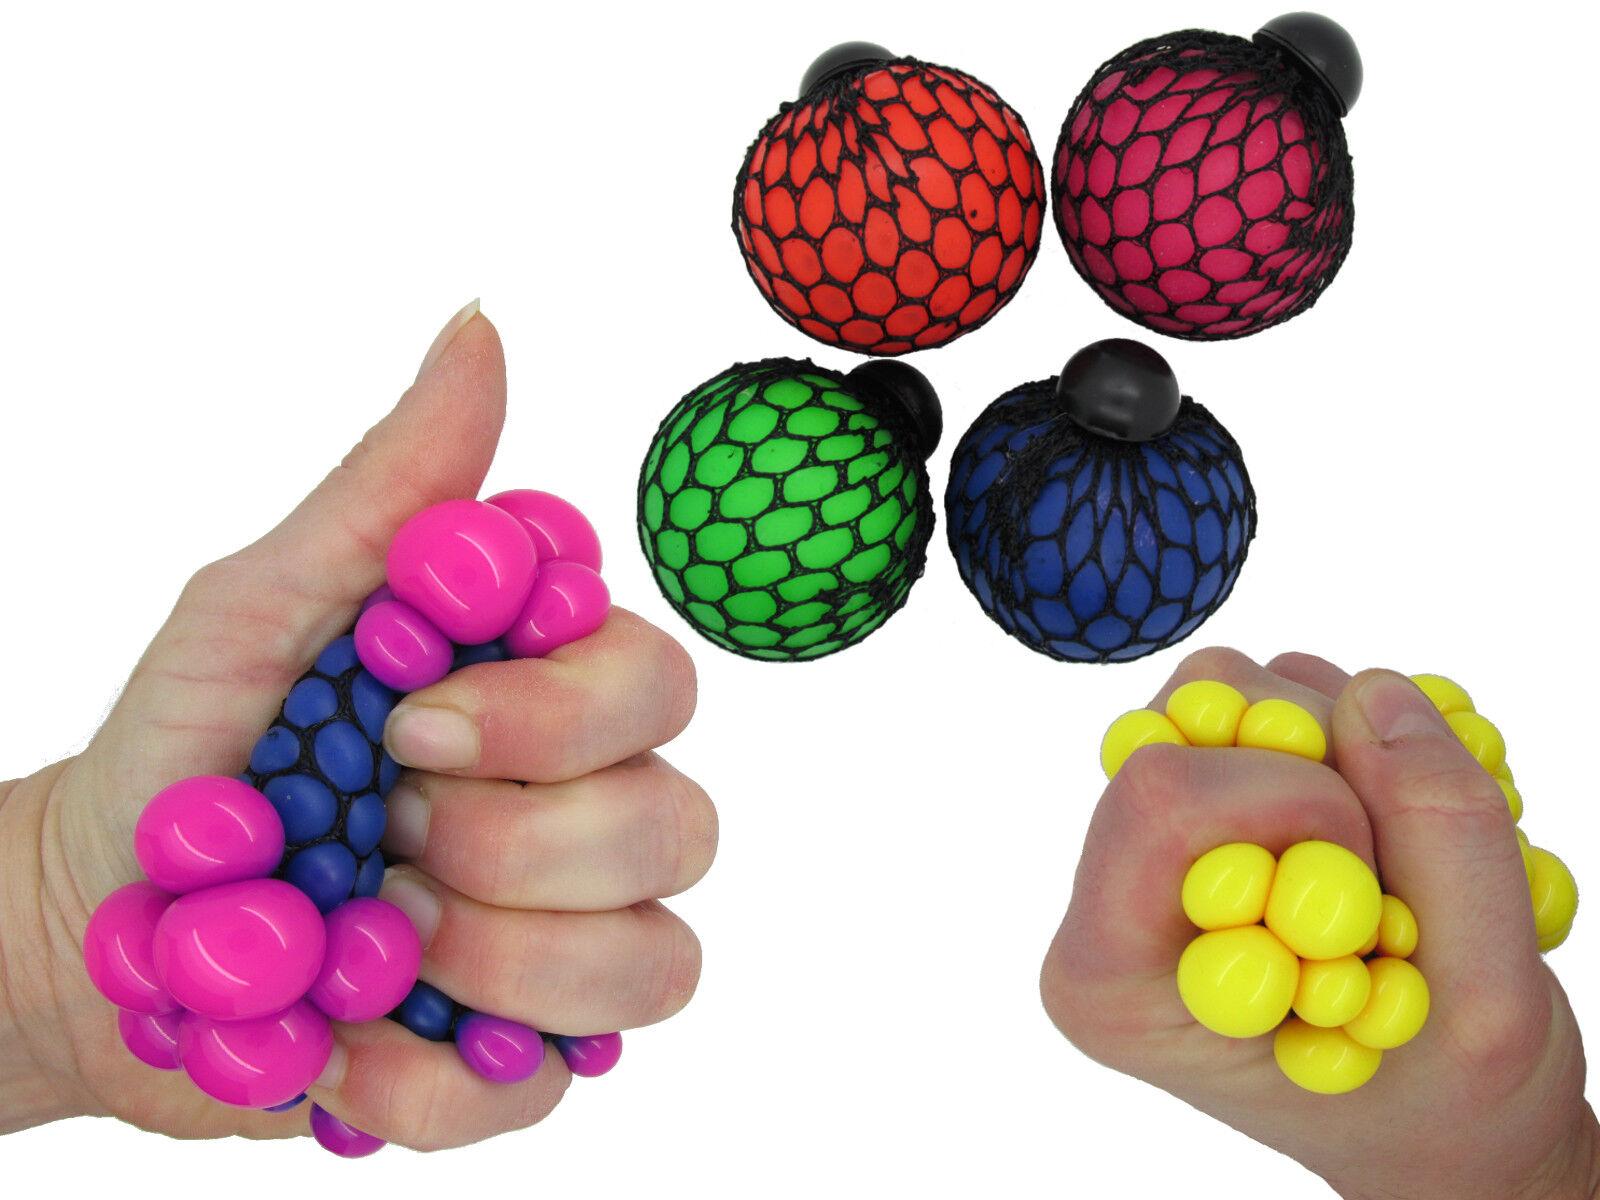 bildung stress relief elf fliegen springen puppe bounce ball ausdrücke.